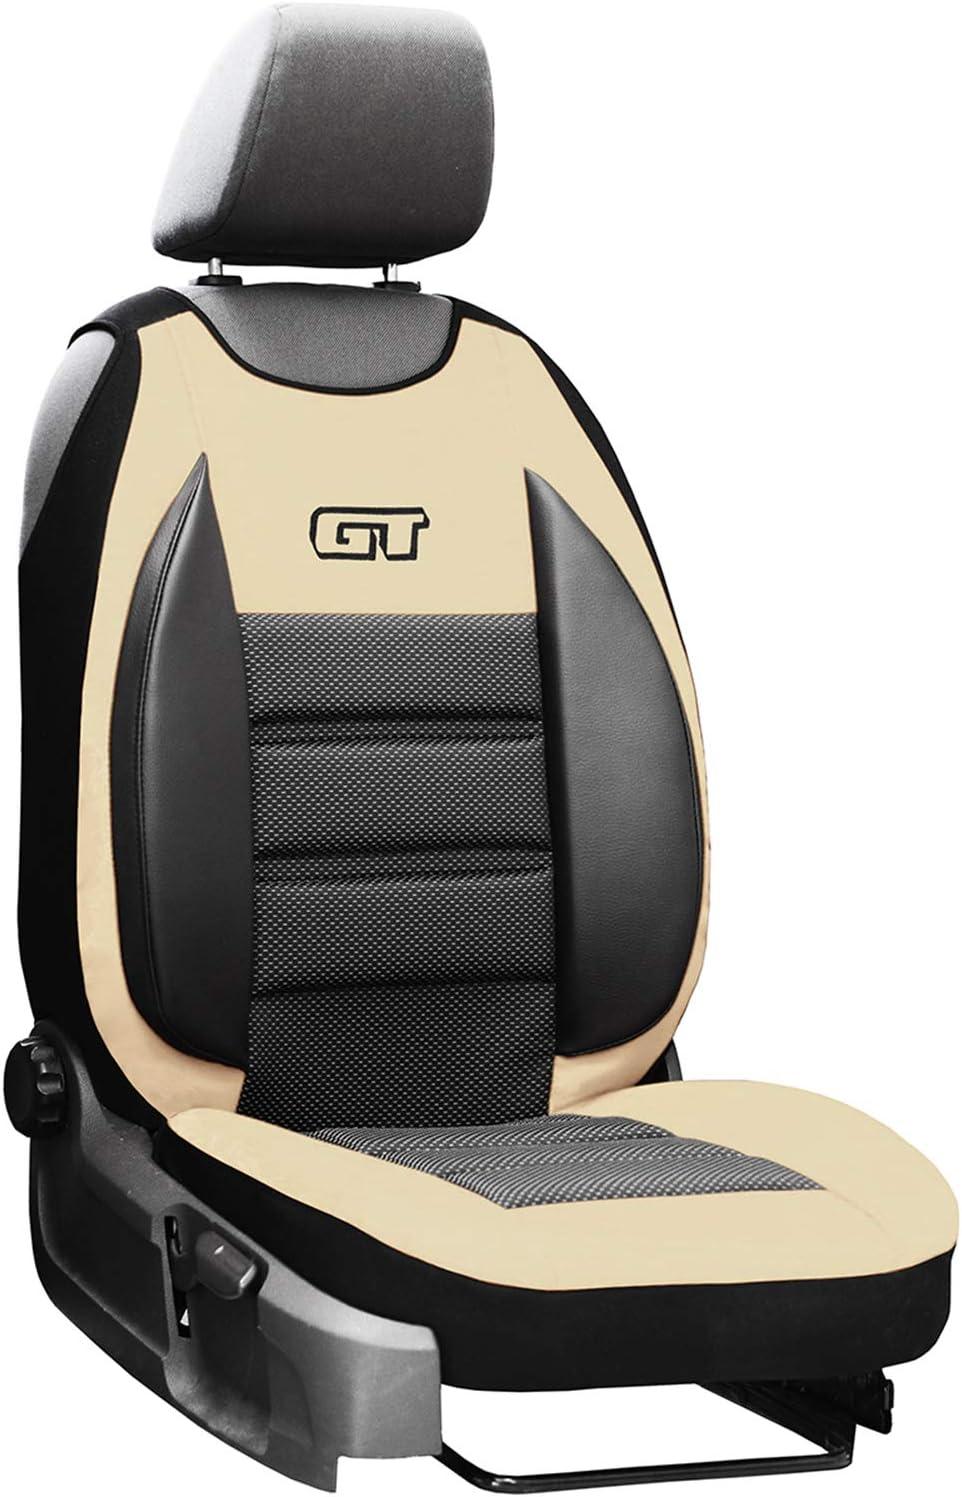 saferide Sitzauflage Auto Vordersitze Autositzmatte Wasserdicht Autositzbezug Fahrersitz Universal Sitzschutz Kunstleder Beige mit Airbag 1 Autositz Vorne